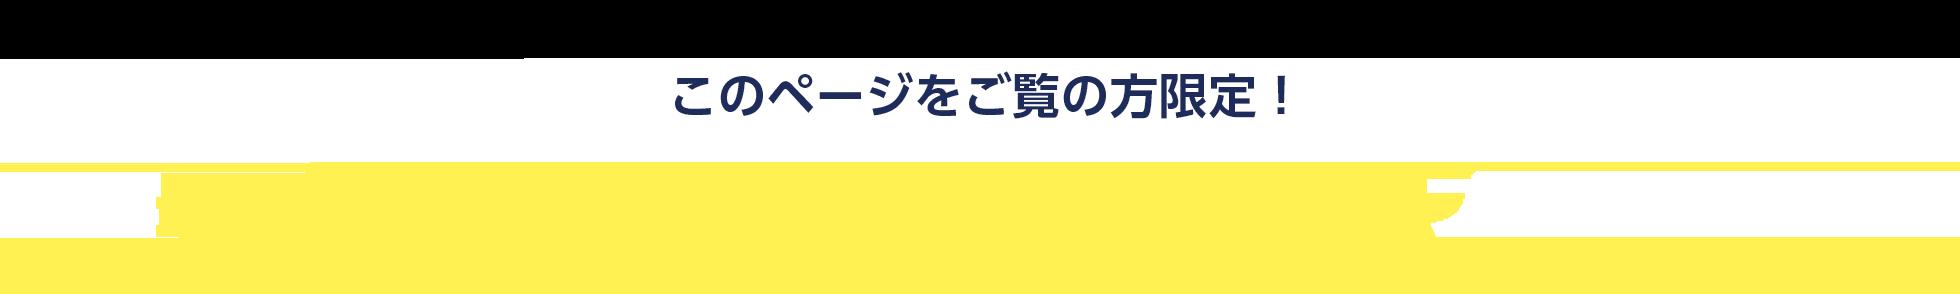 このページをご覧の方限定!最大14,000円分amazonギフト券プレゼント!